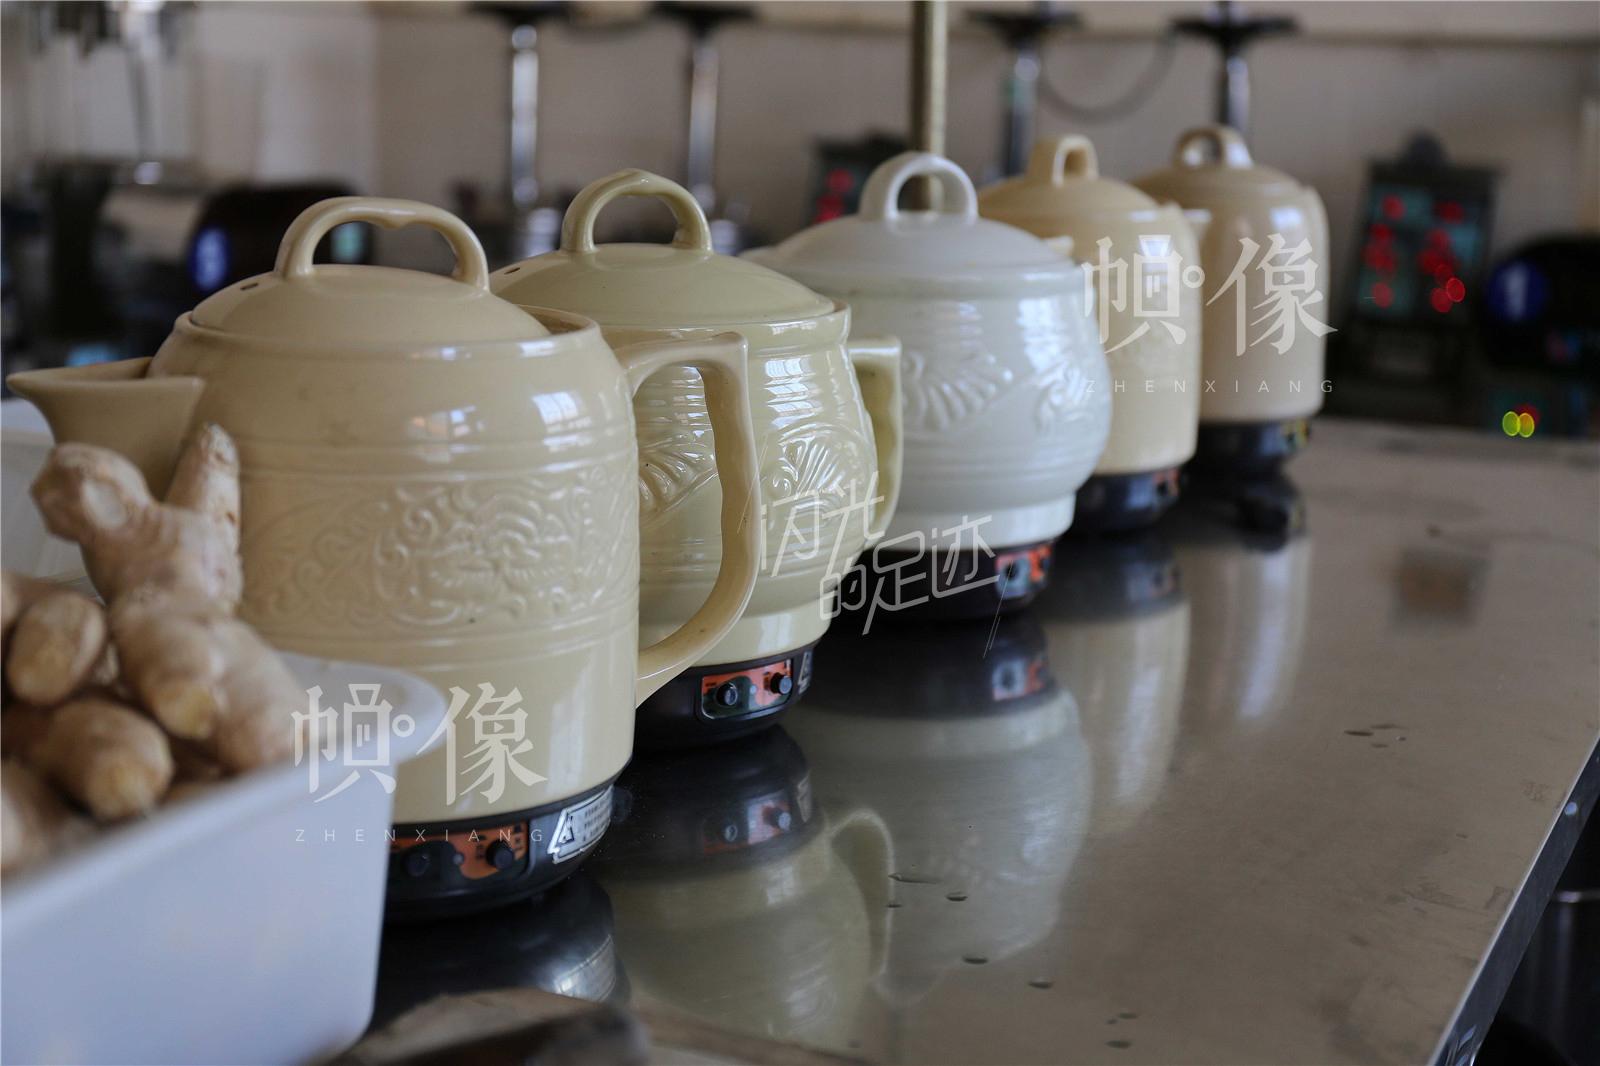 图为煎药用的器皿。中国网记者 黄富友 摄